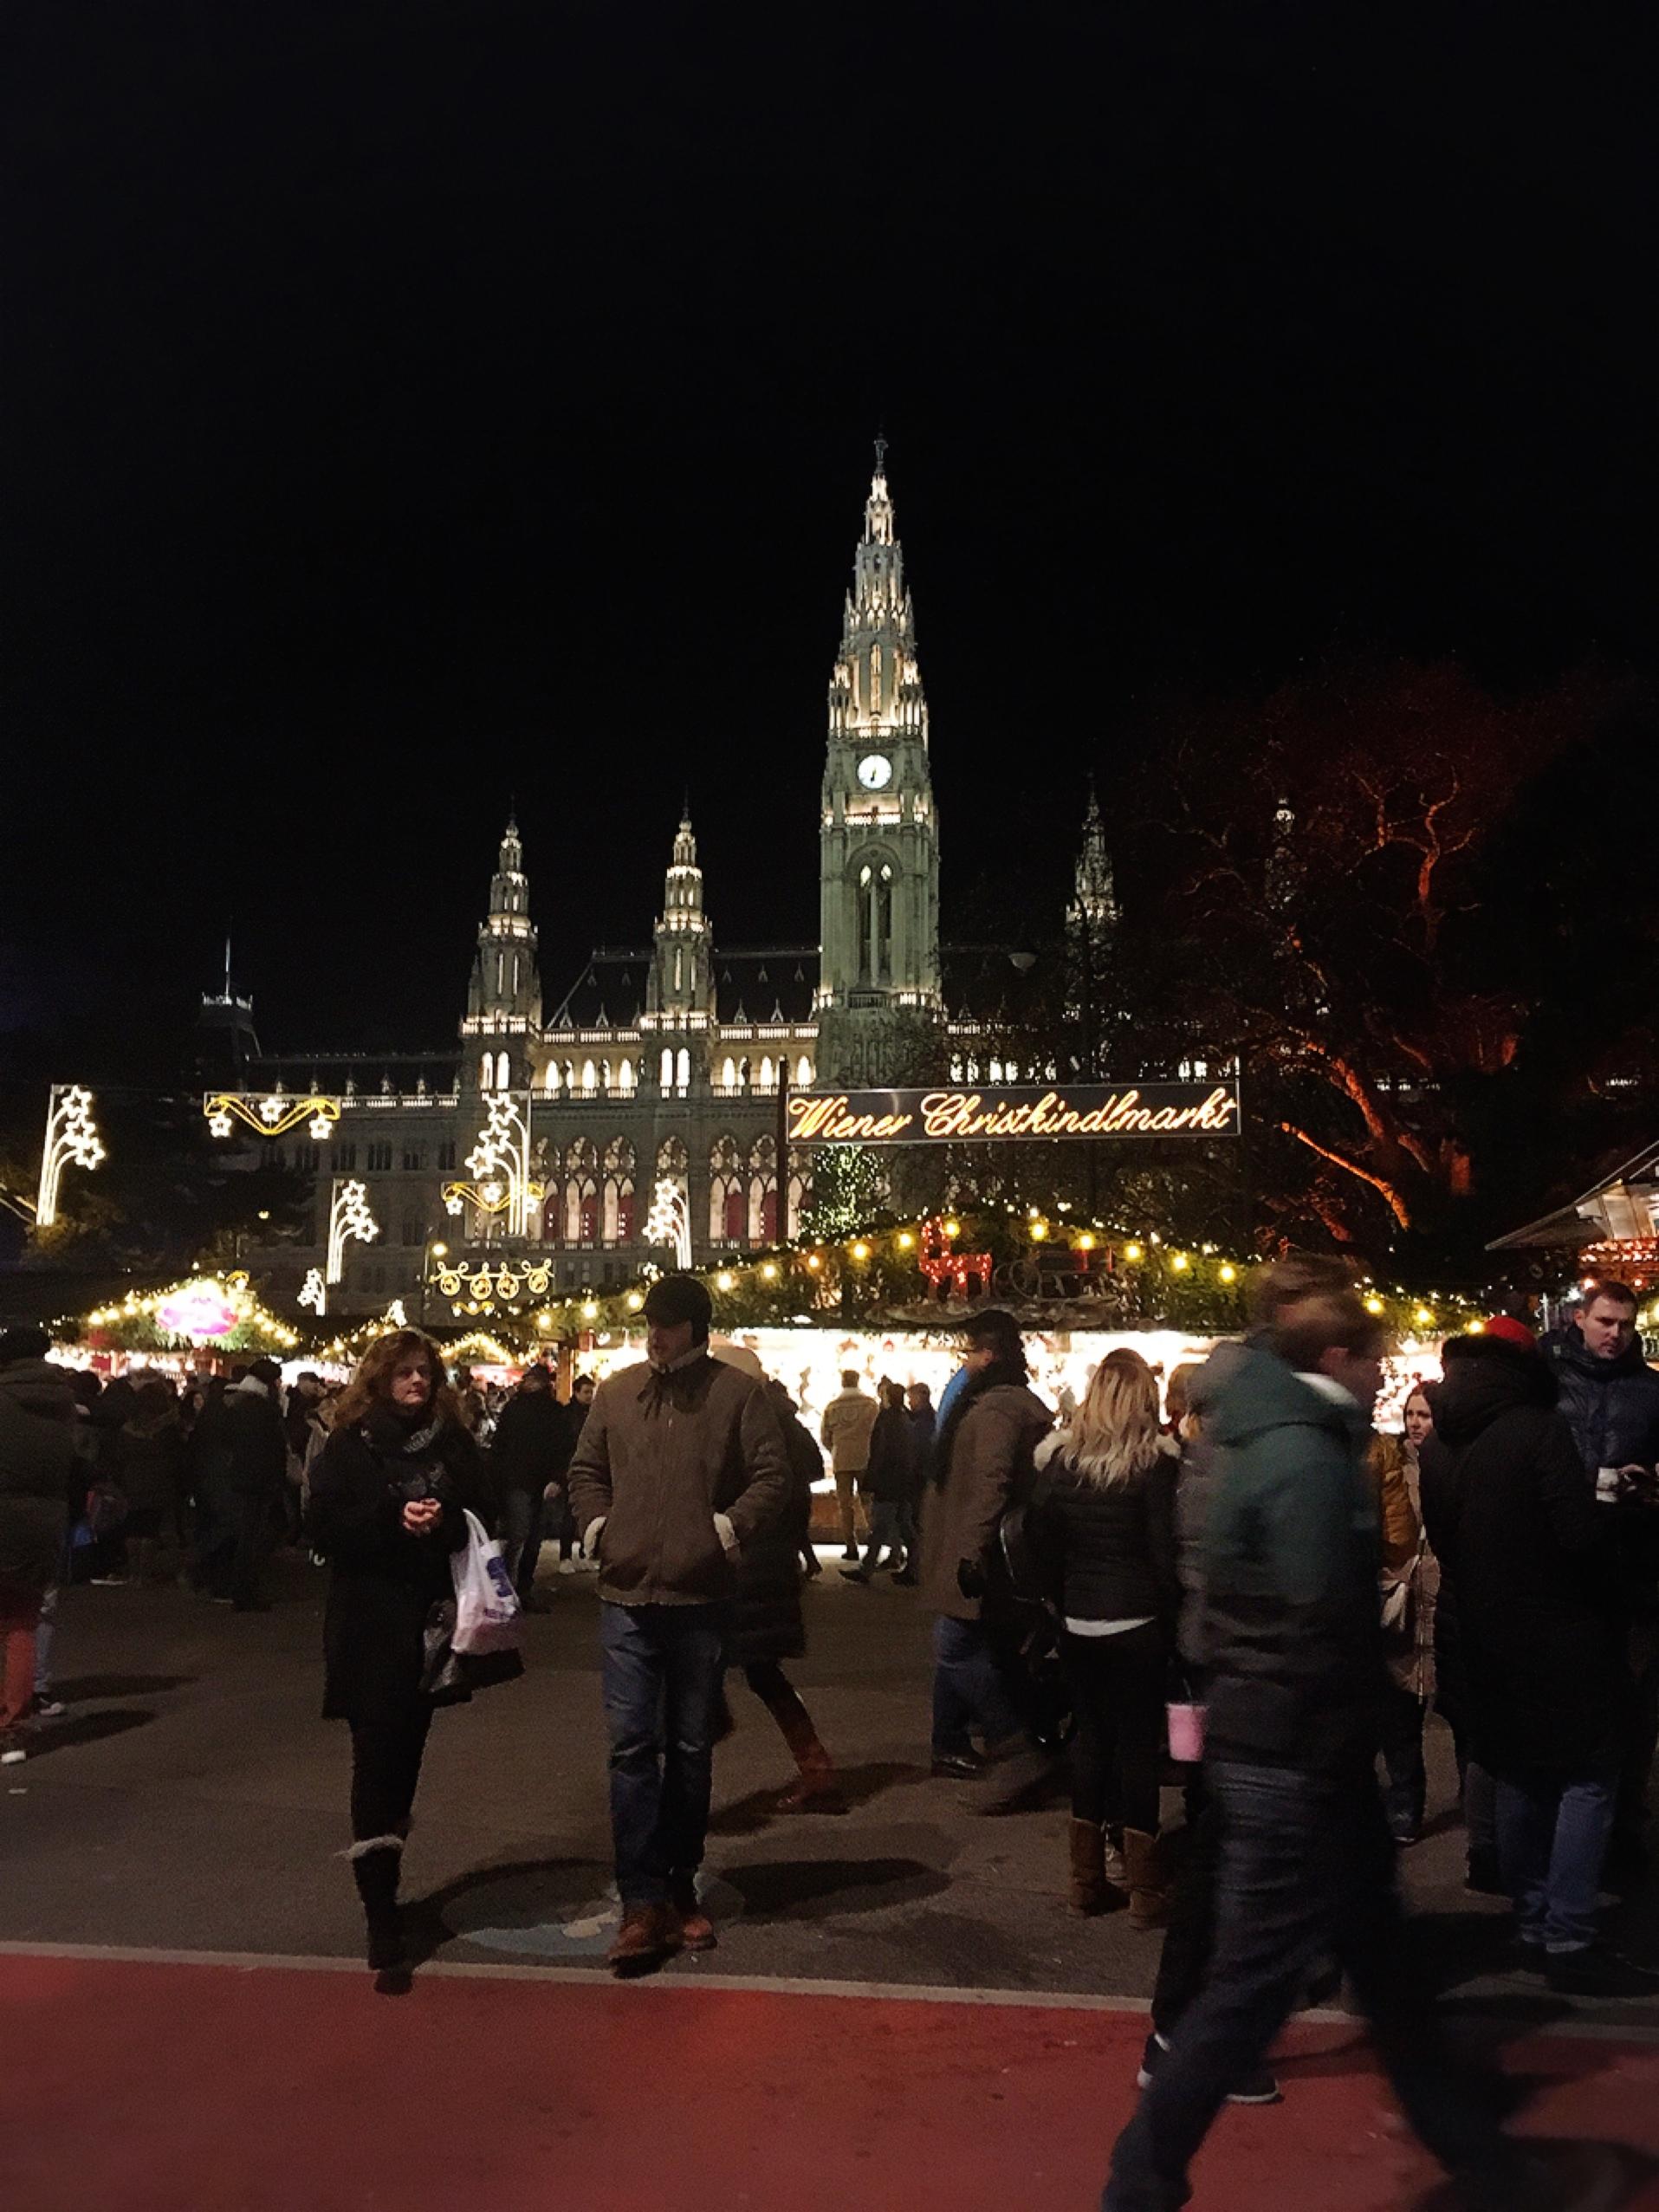 ウィーン市庁舎のマーケット_1_4